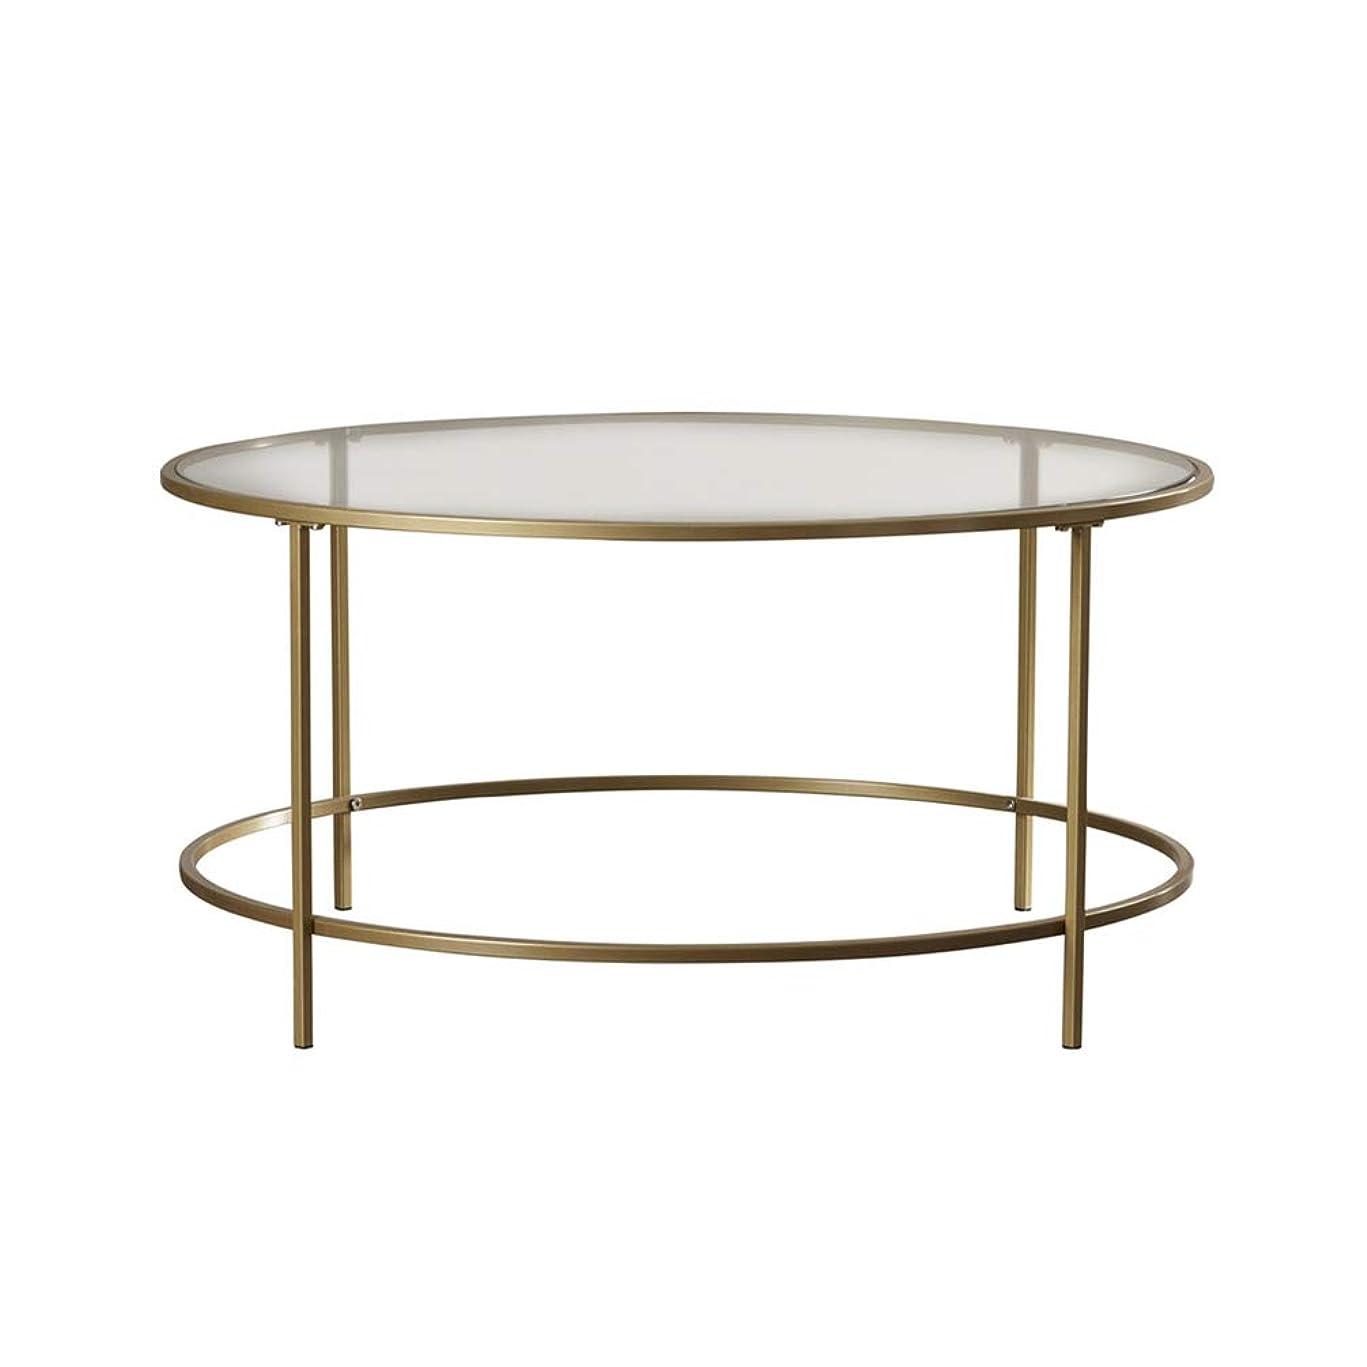 結婚した心配するかる鉄の芸術の丸テーブル、居間の大きいガラス茶テーブルの透明なダイニングテーブルのコーヒーテーブル56 * 56 * 45CM (サイズ さいず : 56*56*45cm)